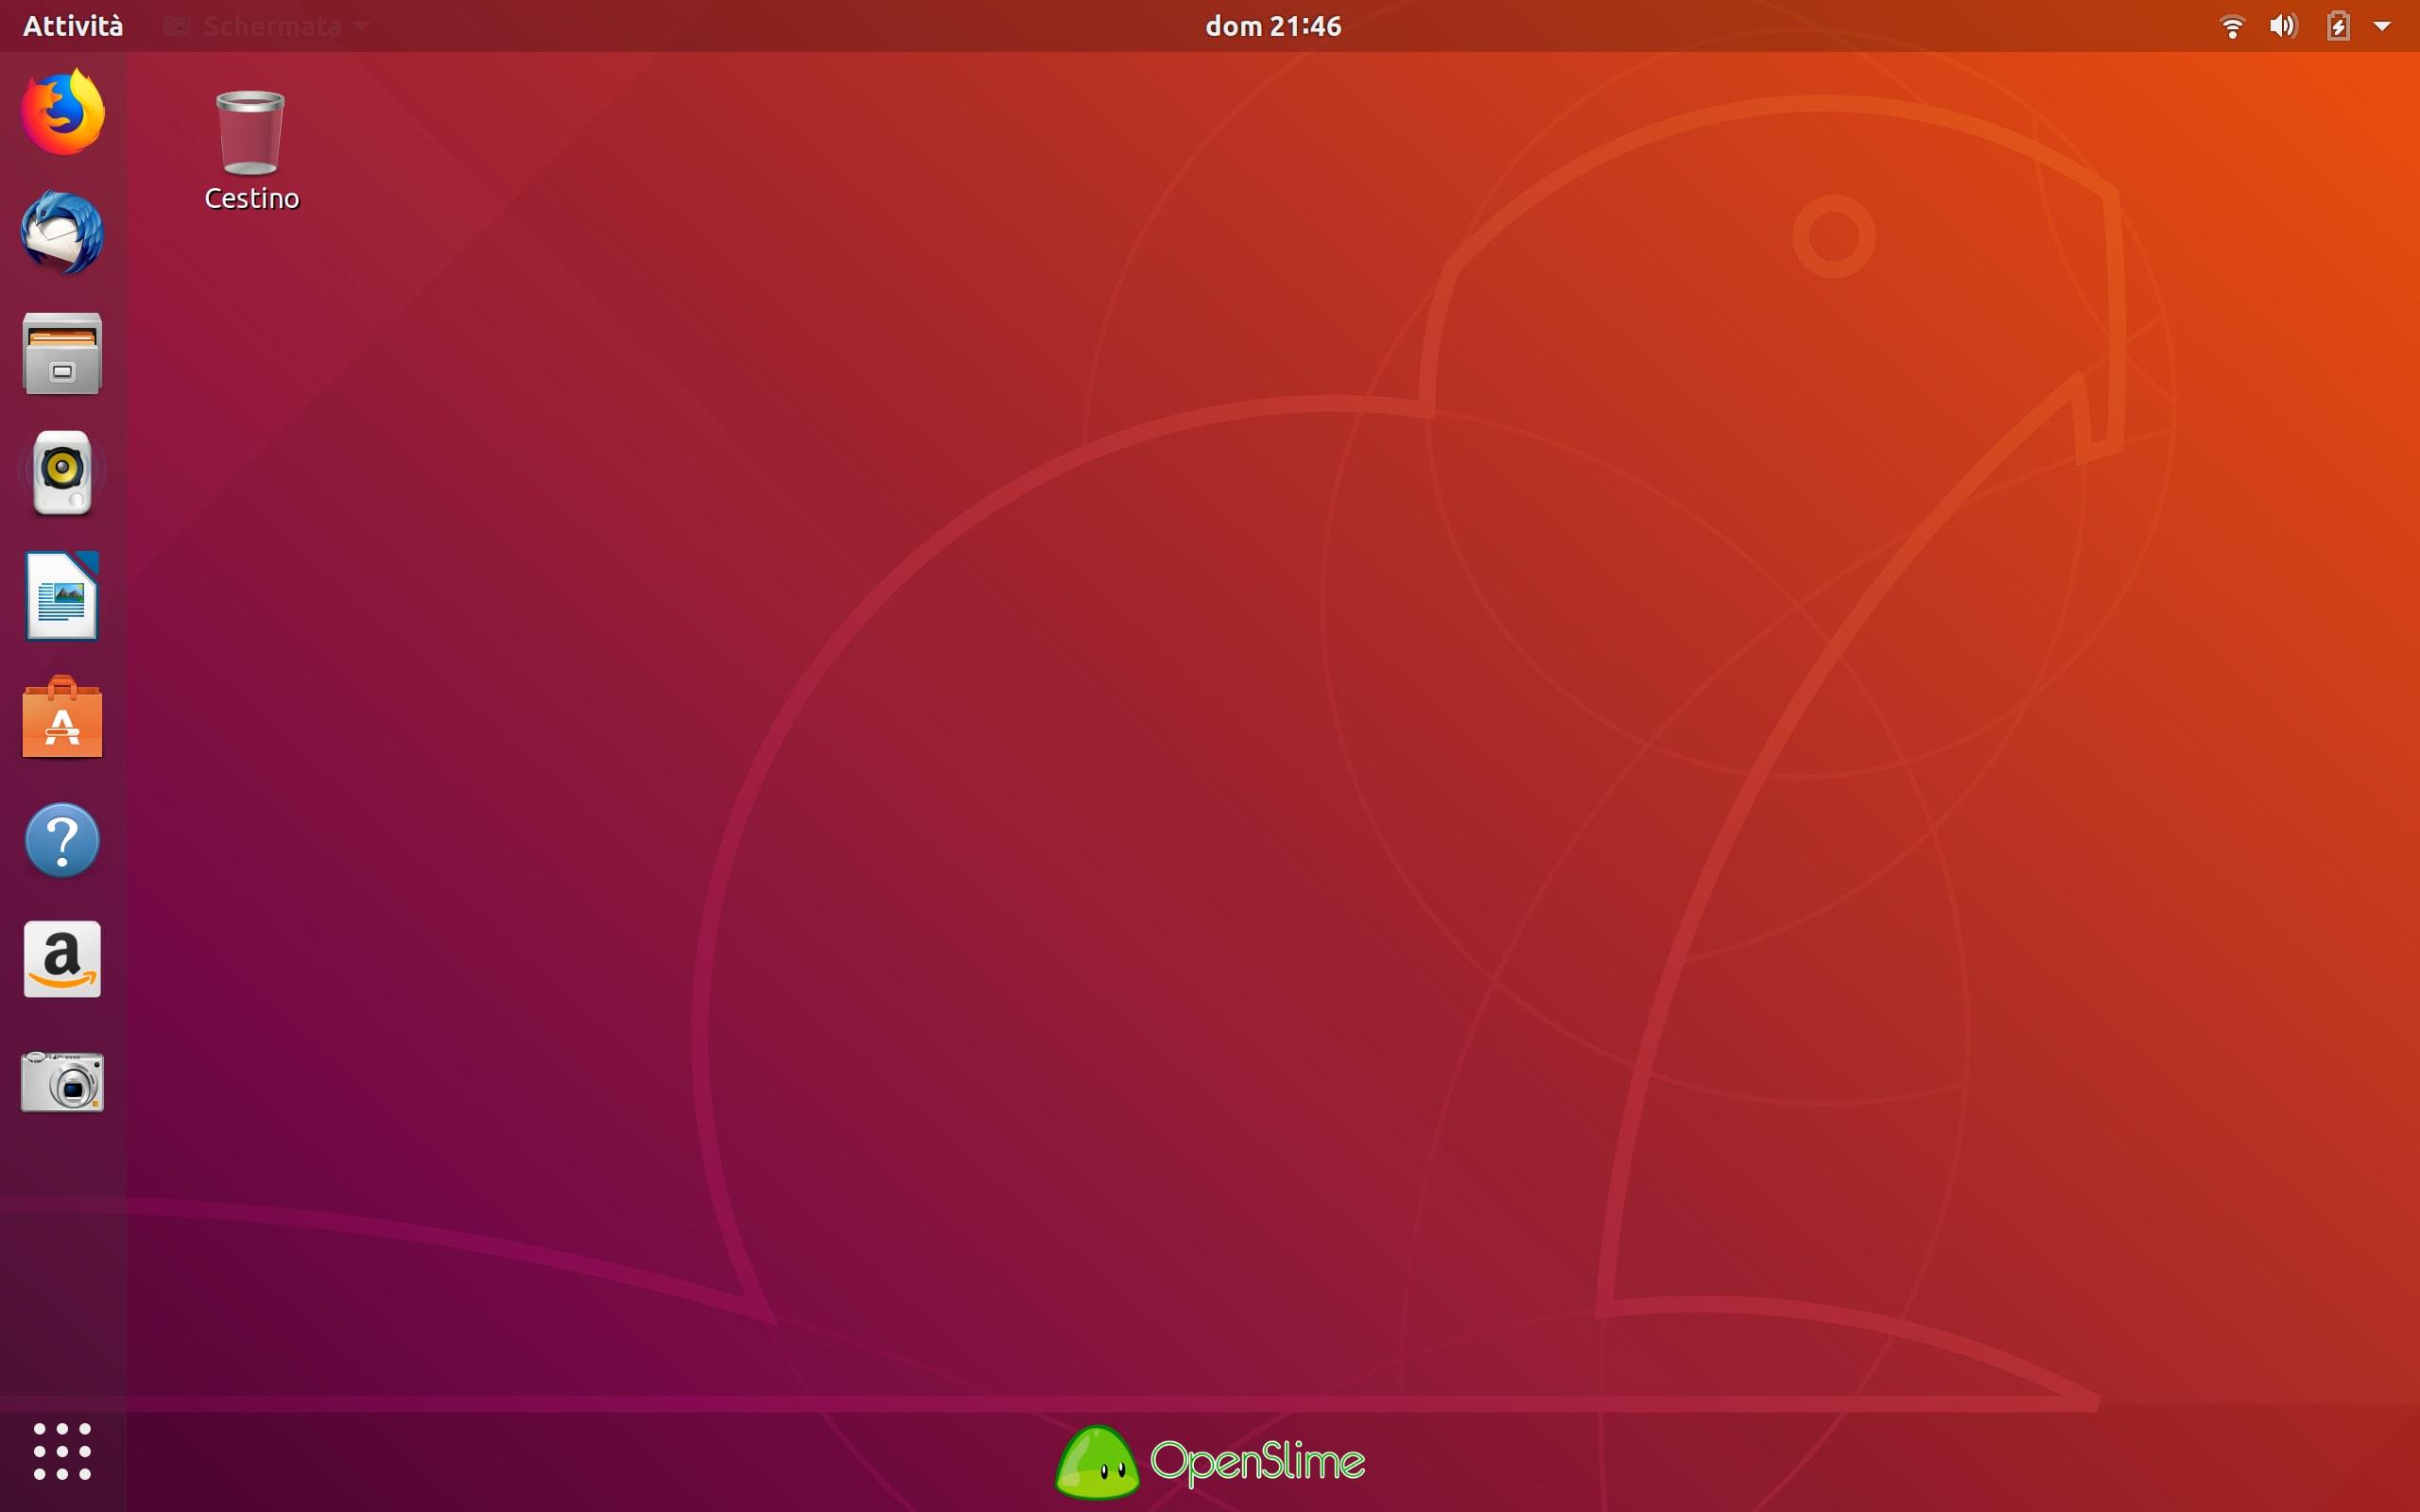 scrivania - Recensione Ubuntu 18.04.1 LTS Bionic Beaver